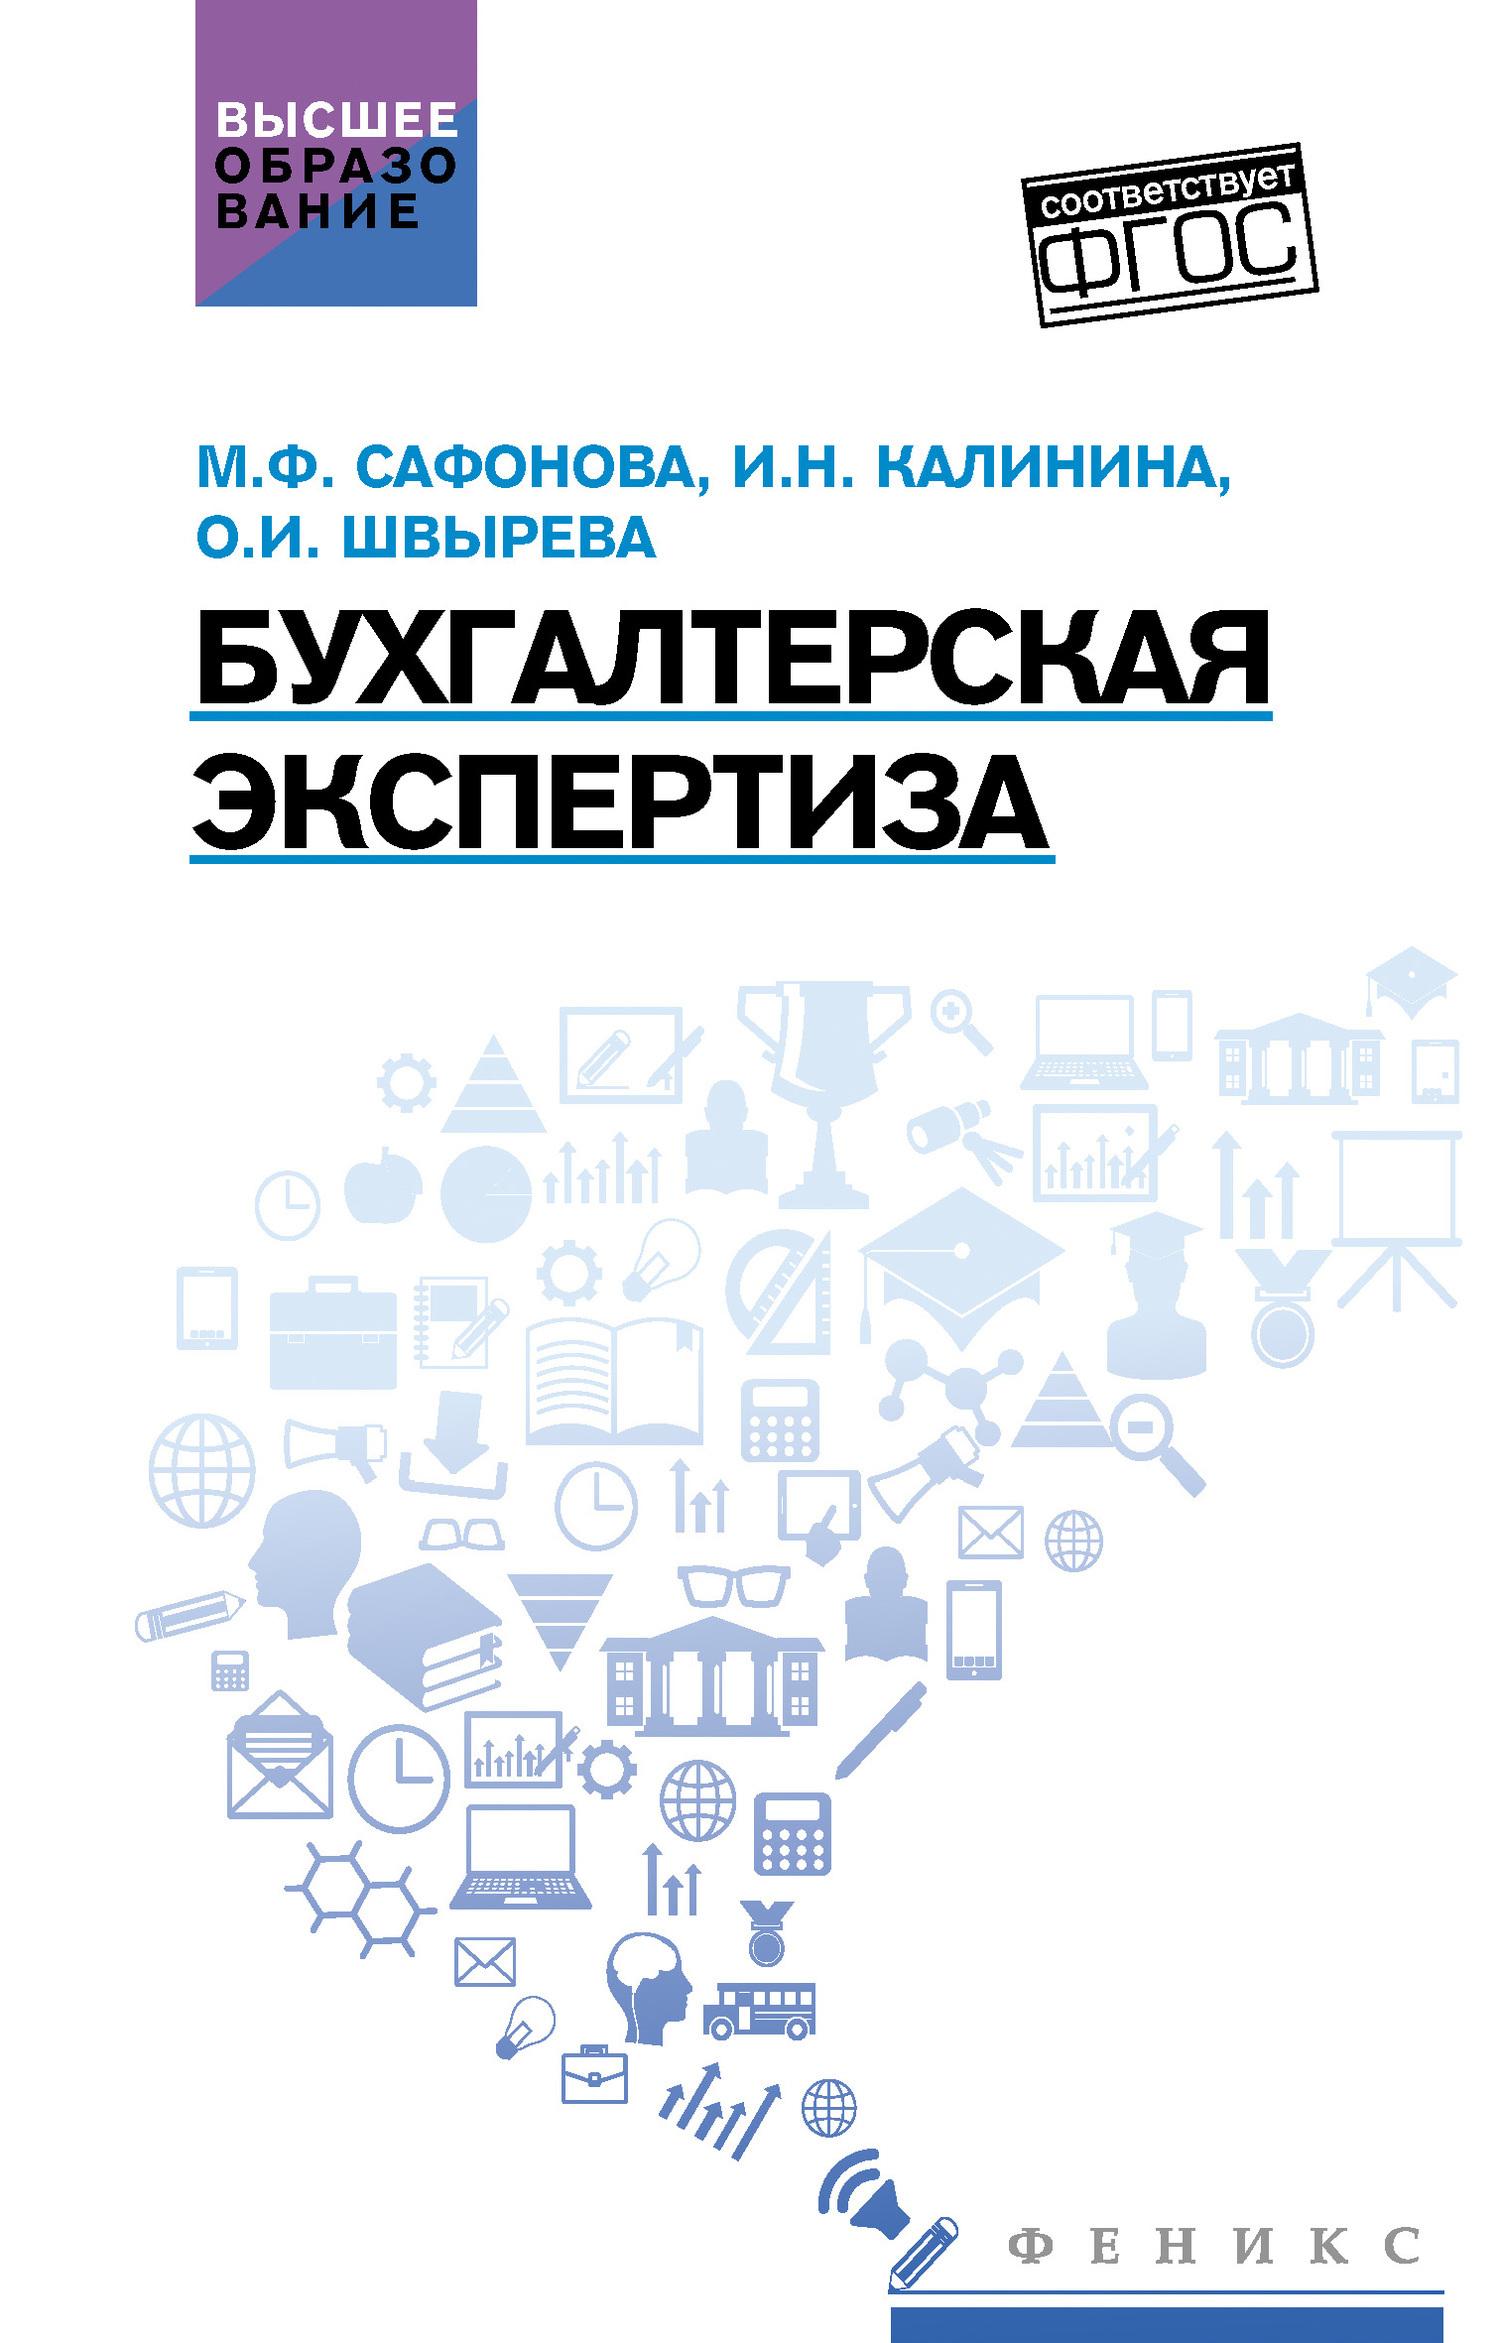 Ирина Калинина Бухгалтерская экспертиза учебники феникс бухгалтерская экспертиза учебник